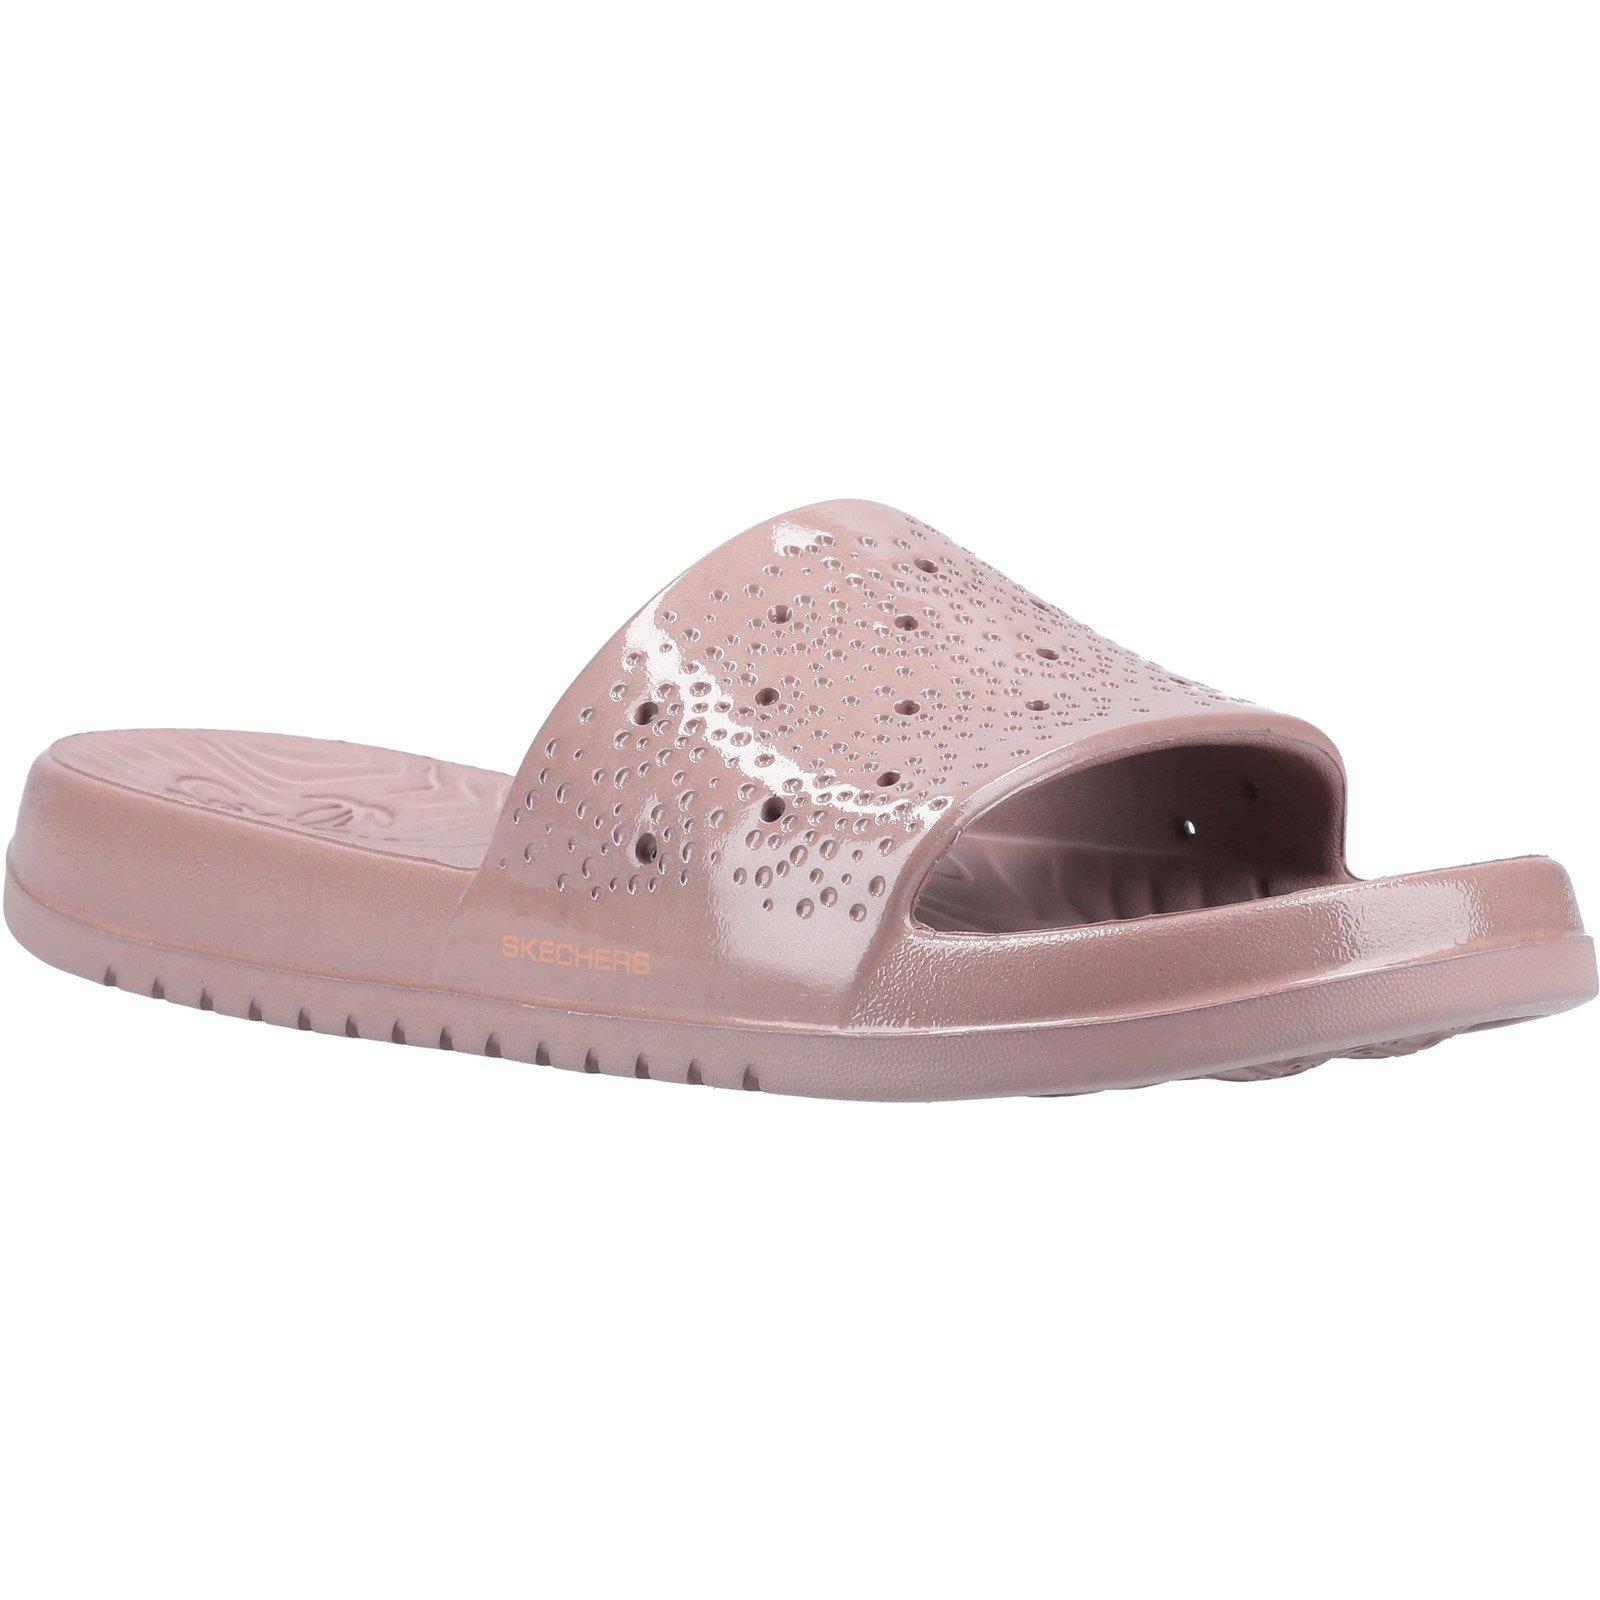 Skechers Women's Gleam Sizzling Slide Sandal Rose Gold 32373 - Rose Gold 4